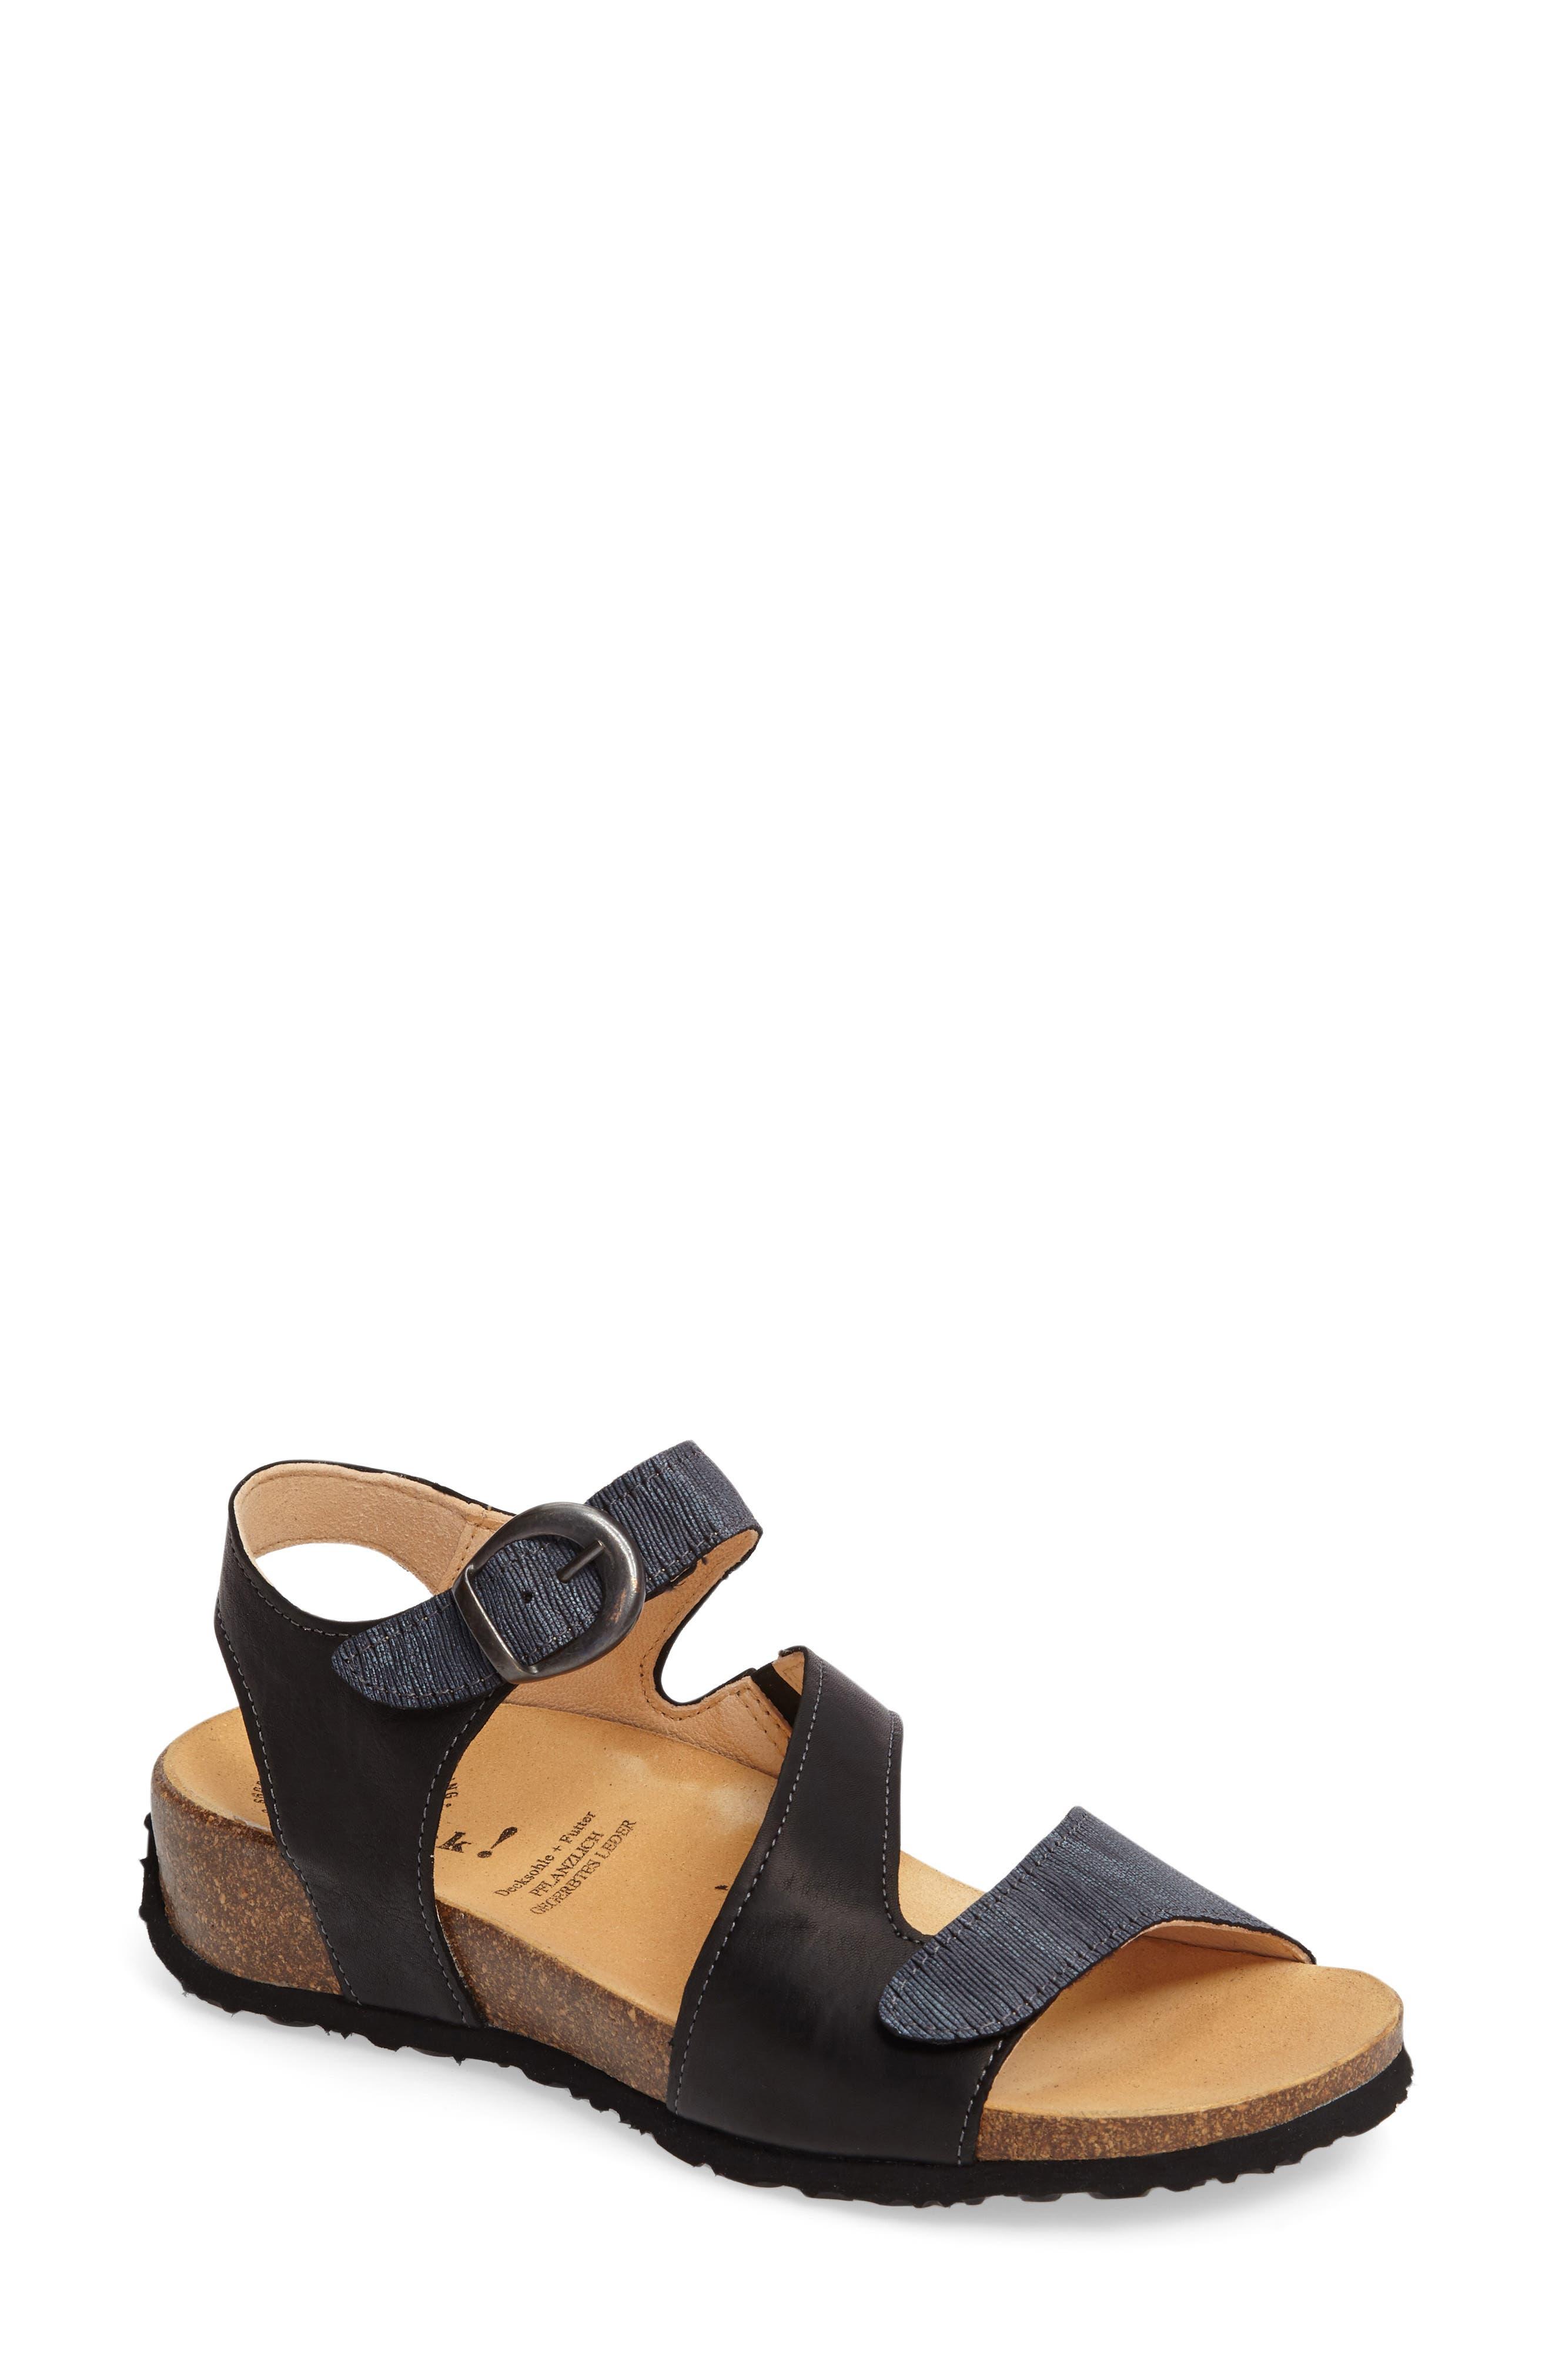 Mizzi Sandal,                             Main thumbnail 1, color,